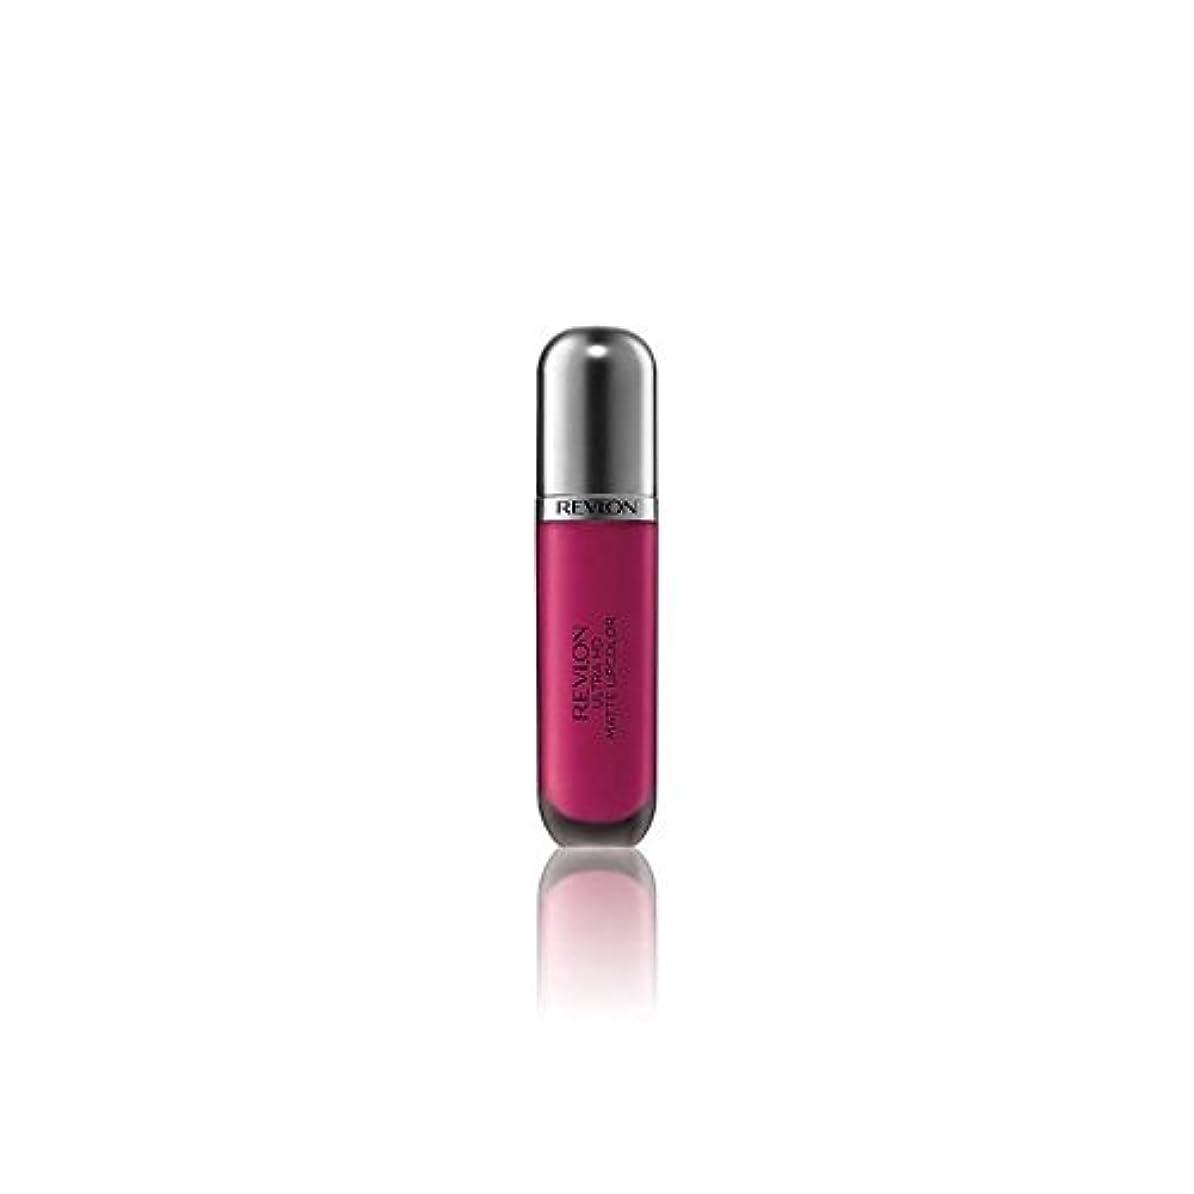 計画勝つどれかRevlon Ultra HD Matte Lipstick Addiction 5.9ml - レブロンウルトラマット口紅中毒5.9ミリリットル [並行輸入品]